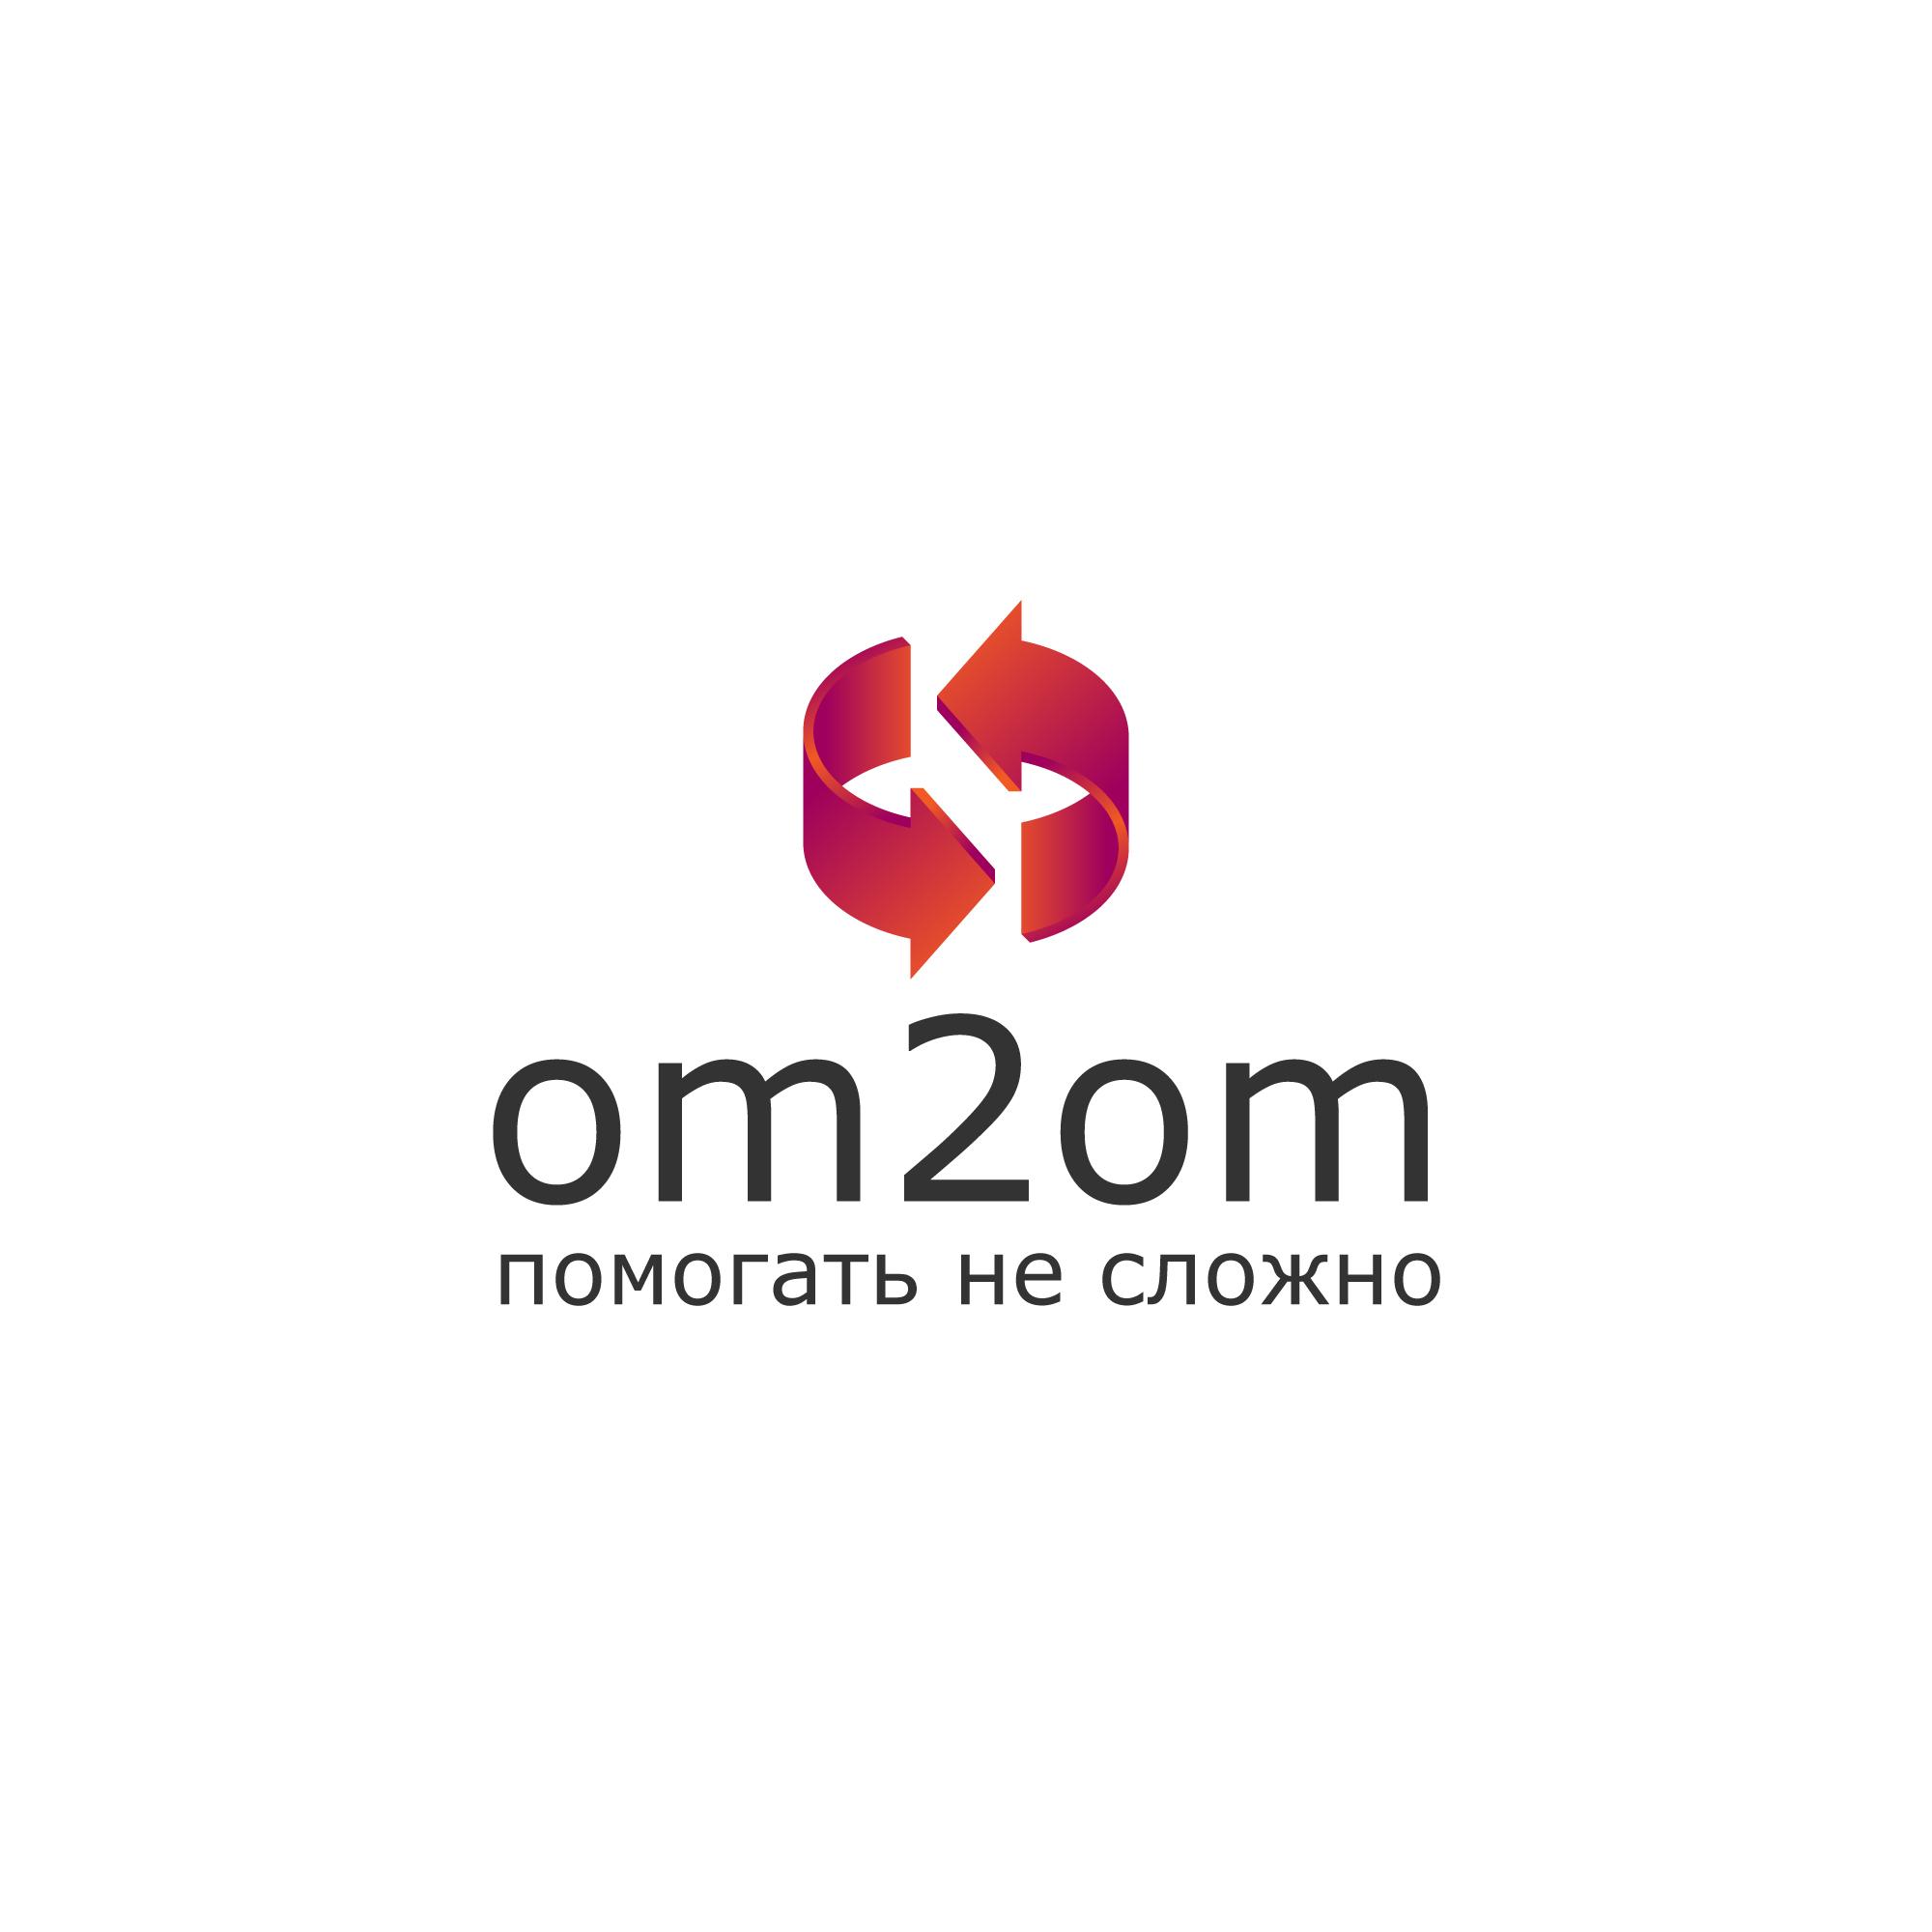 Разработка логотипа для краудфандинговой платформы om2om.md фото f_7225f5bfa414866c.jpg